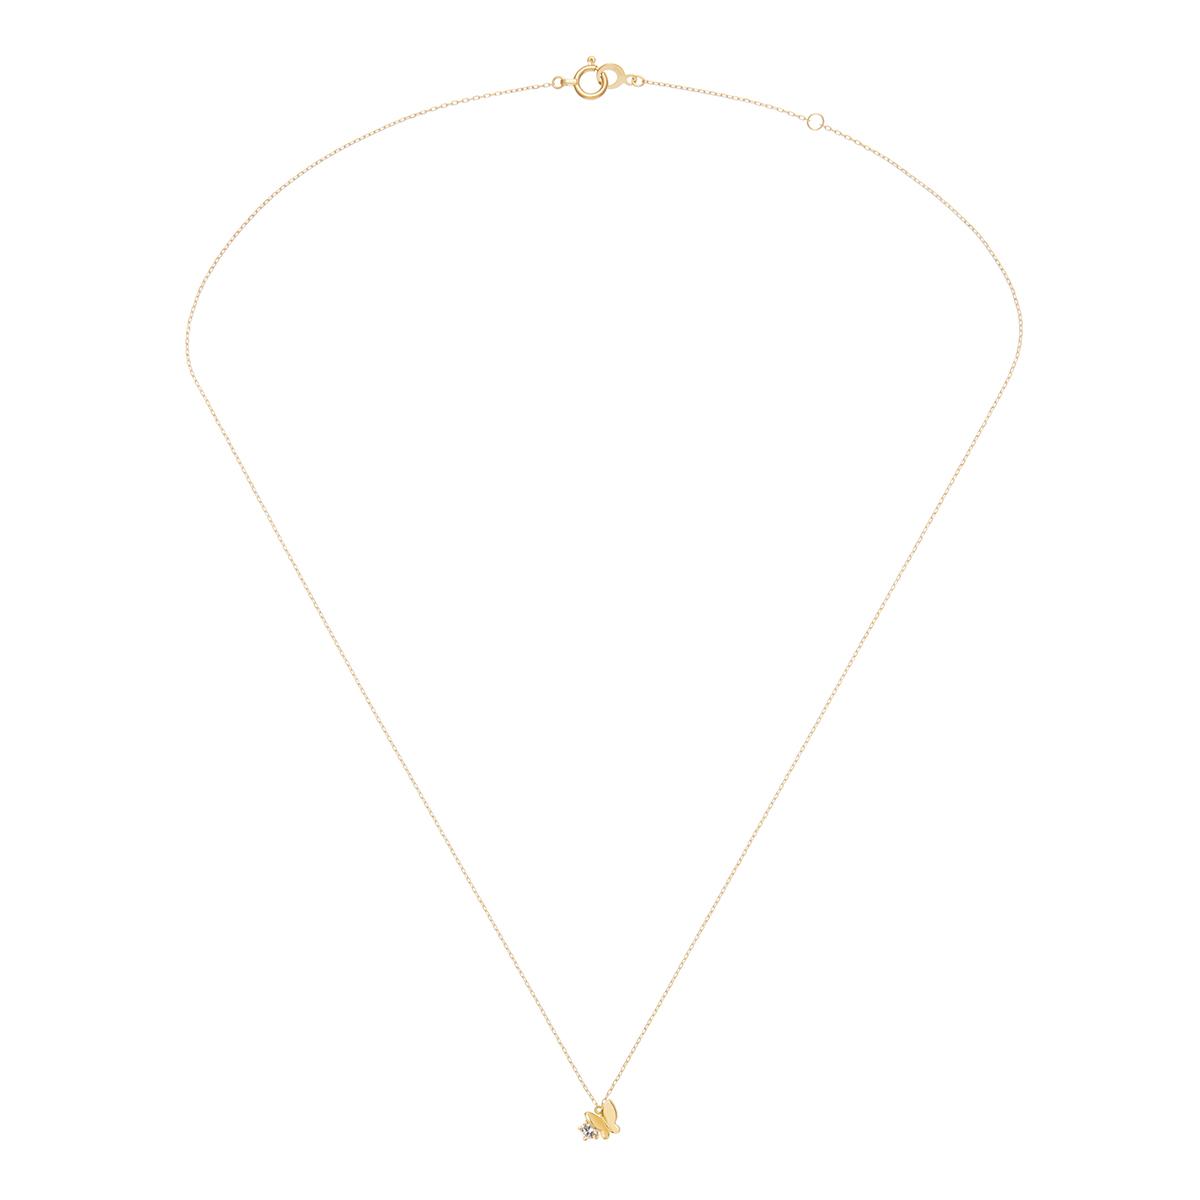 パピヨンブリリアンプチ (ダイヤモンド) ネックレス